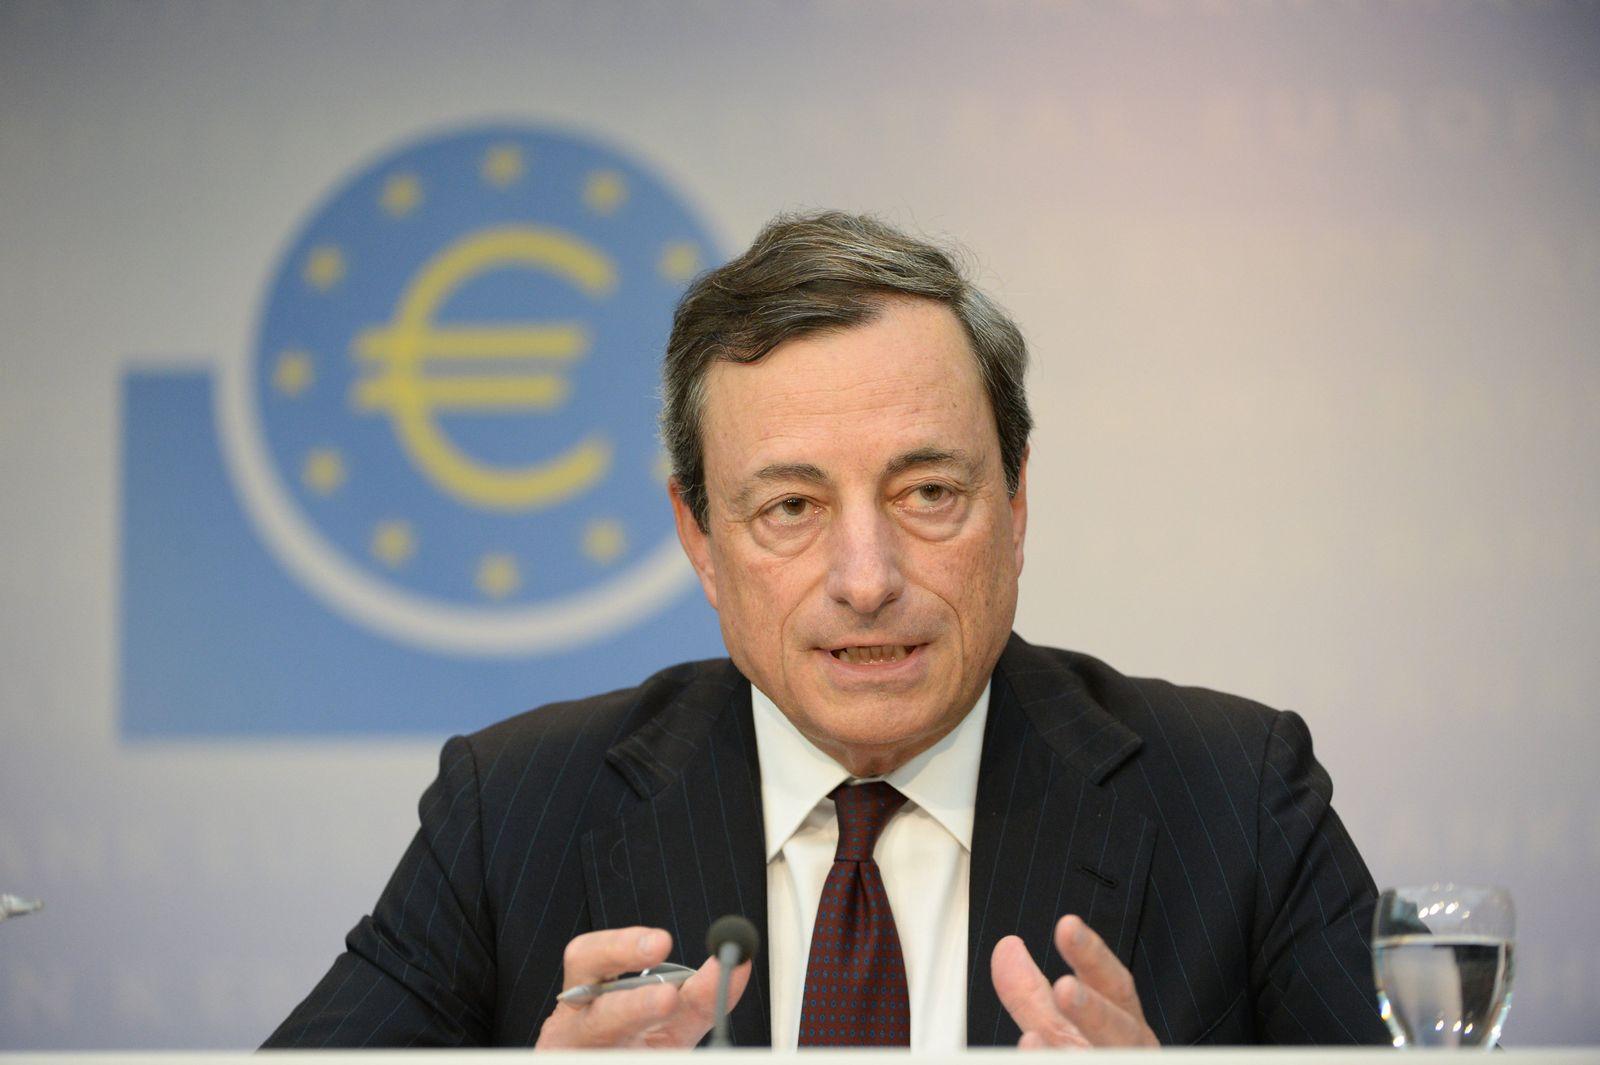 EZB-Ratssitzung / Mario Draghi